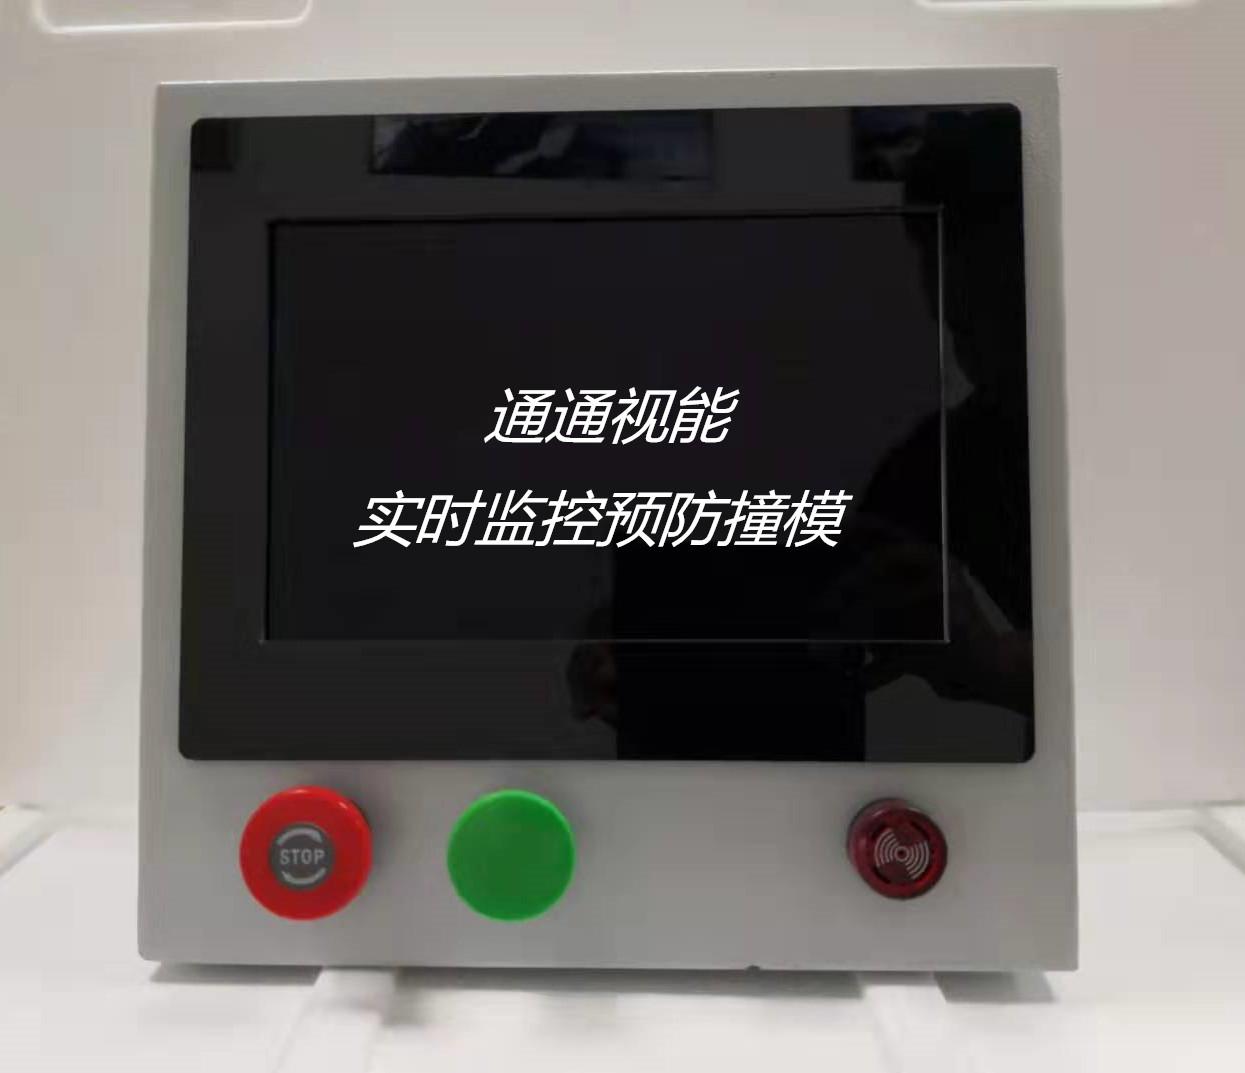 通通视能 模具监视器 注塑机 保护器 防止损坏 电子眼 机器视觉检测系统TTZN-1901